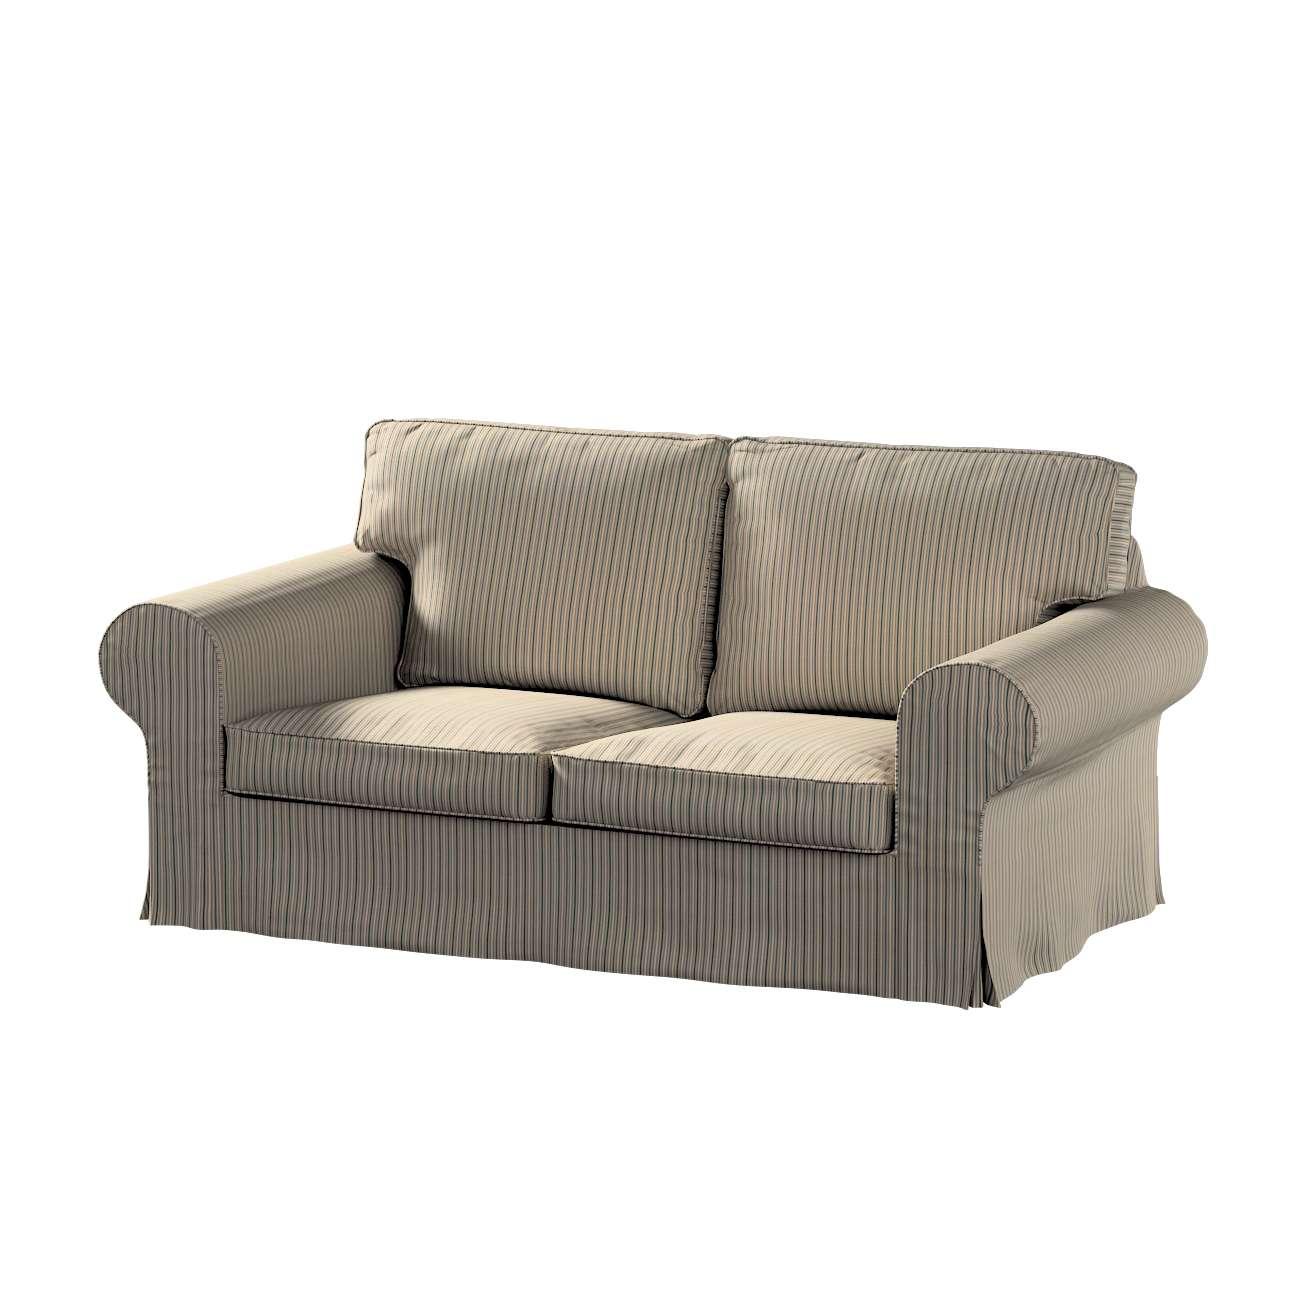 Pokrowiec na sofę Ektorp 2-osobową, rozkładaną, model do 2012 w kolekcji Londres, tkanina: 143-38